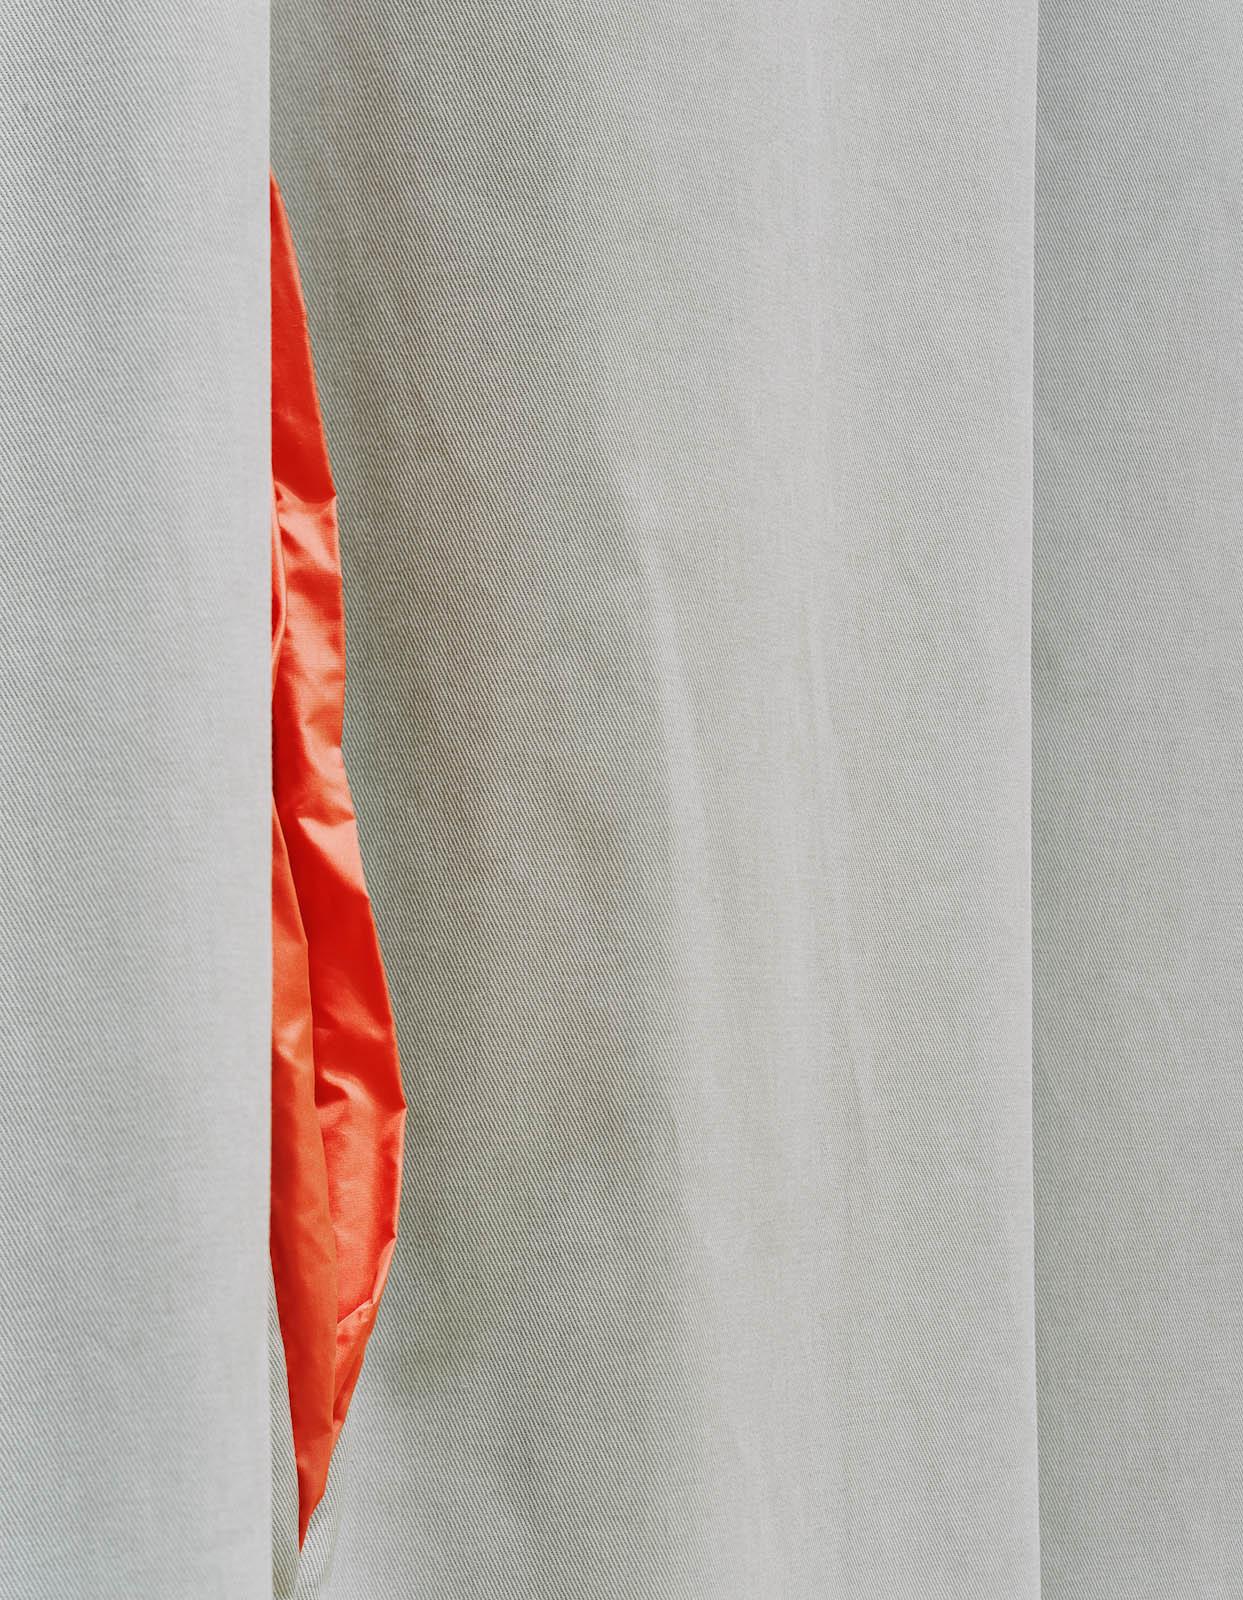 Detalj. Ur en slits i det grå tränger rött tyg fram, som ett par läppar. Kajsa G Eriksson, Ridån